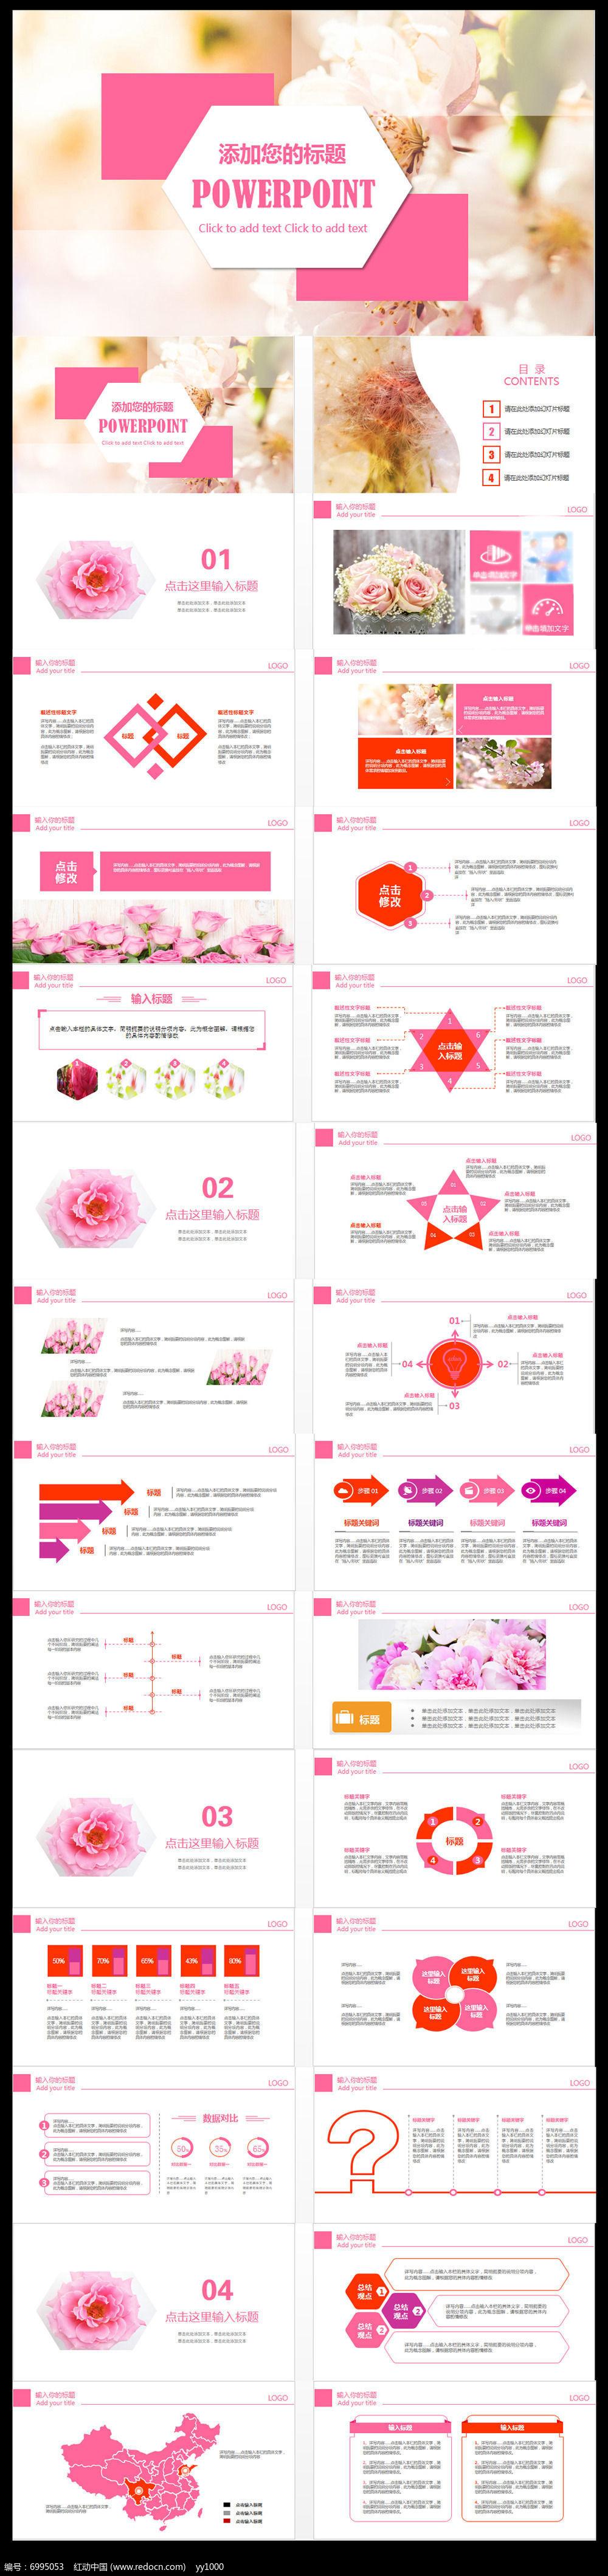 粉色商务美容护肤产品推广ppt模板